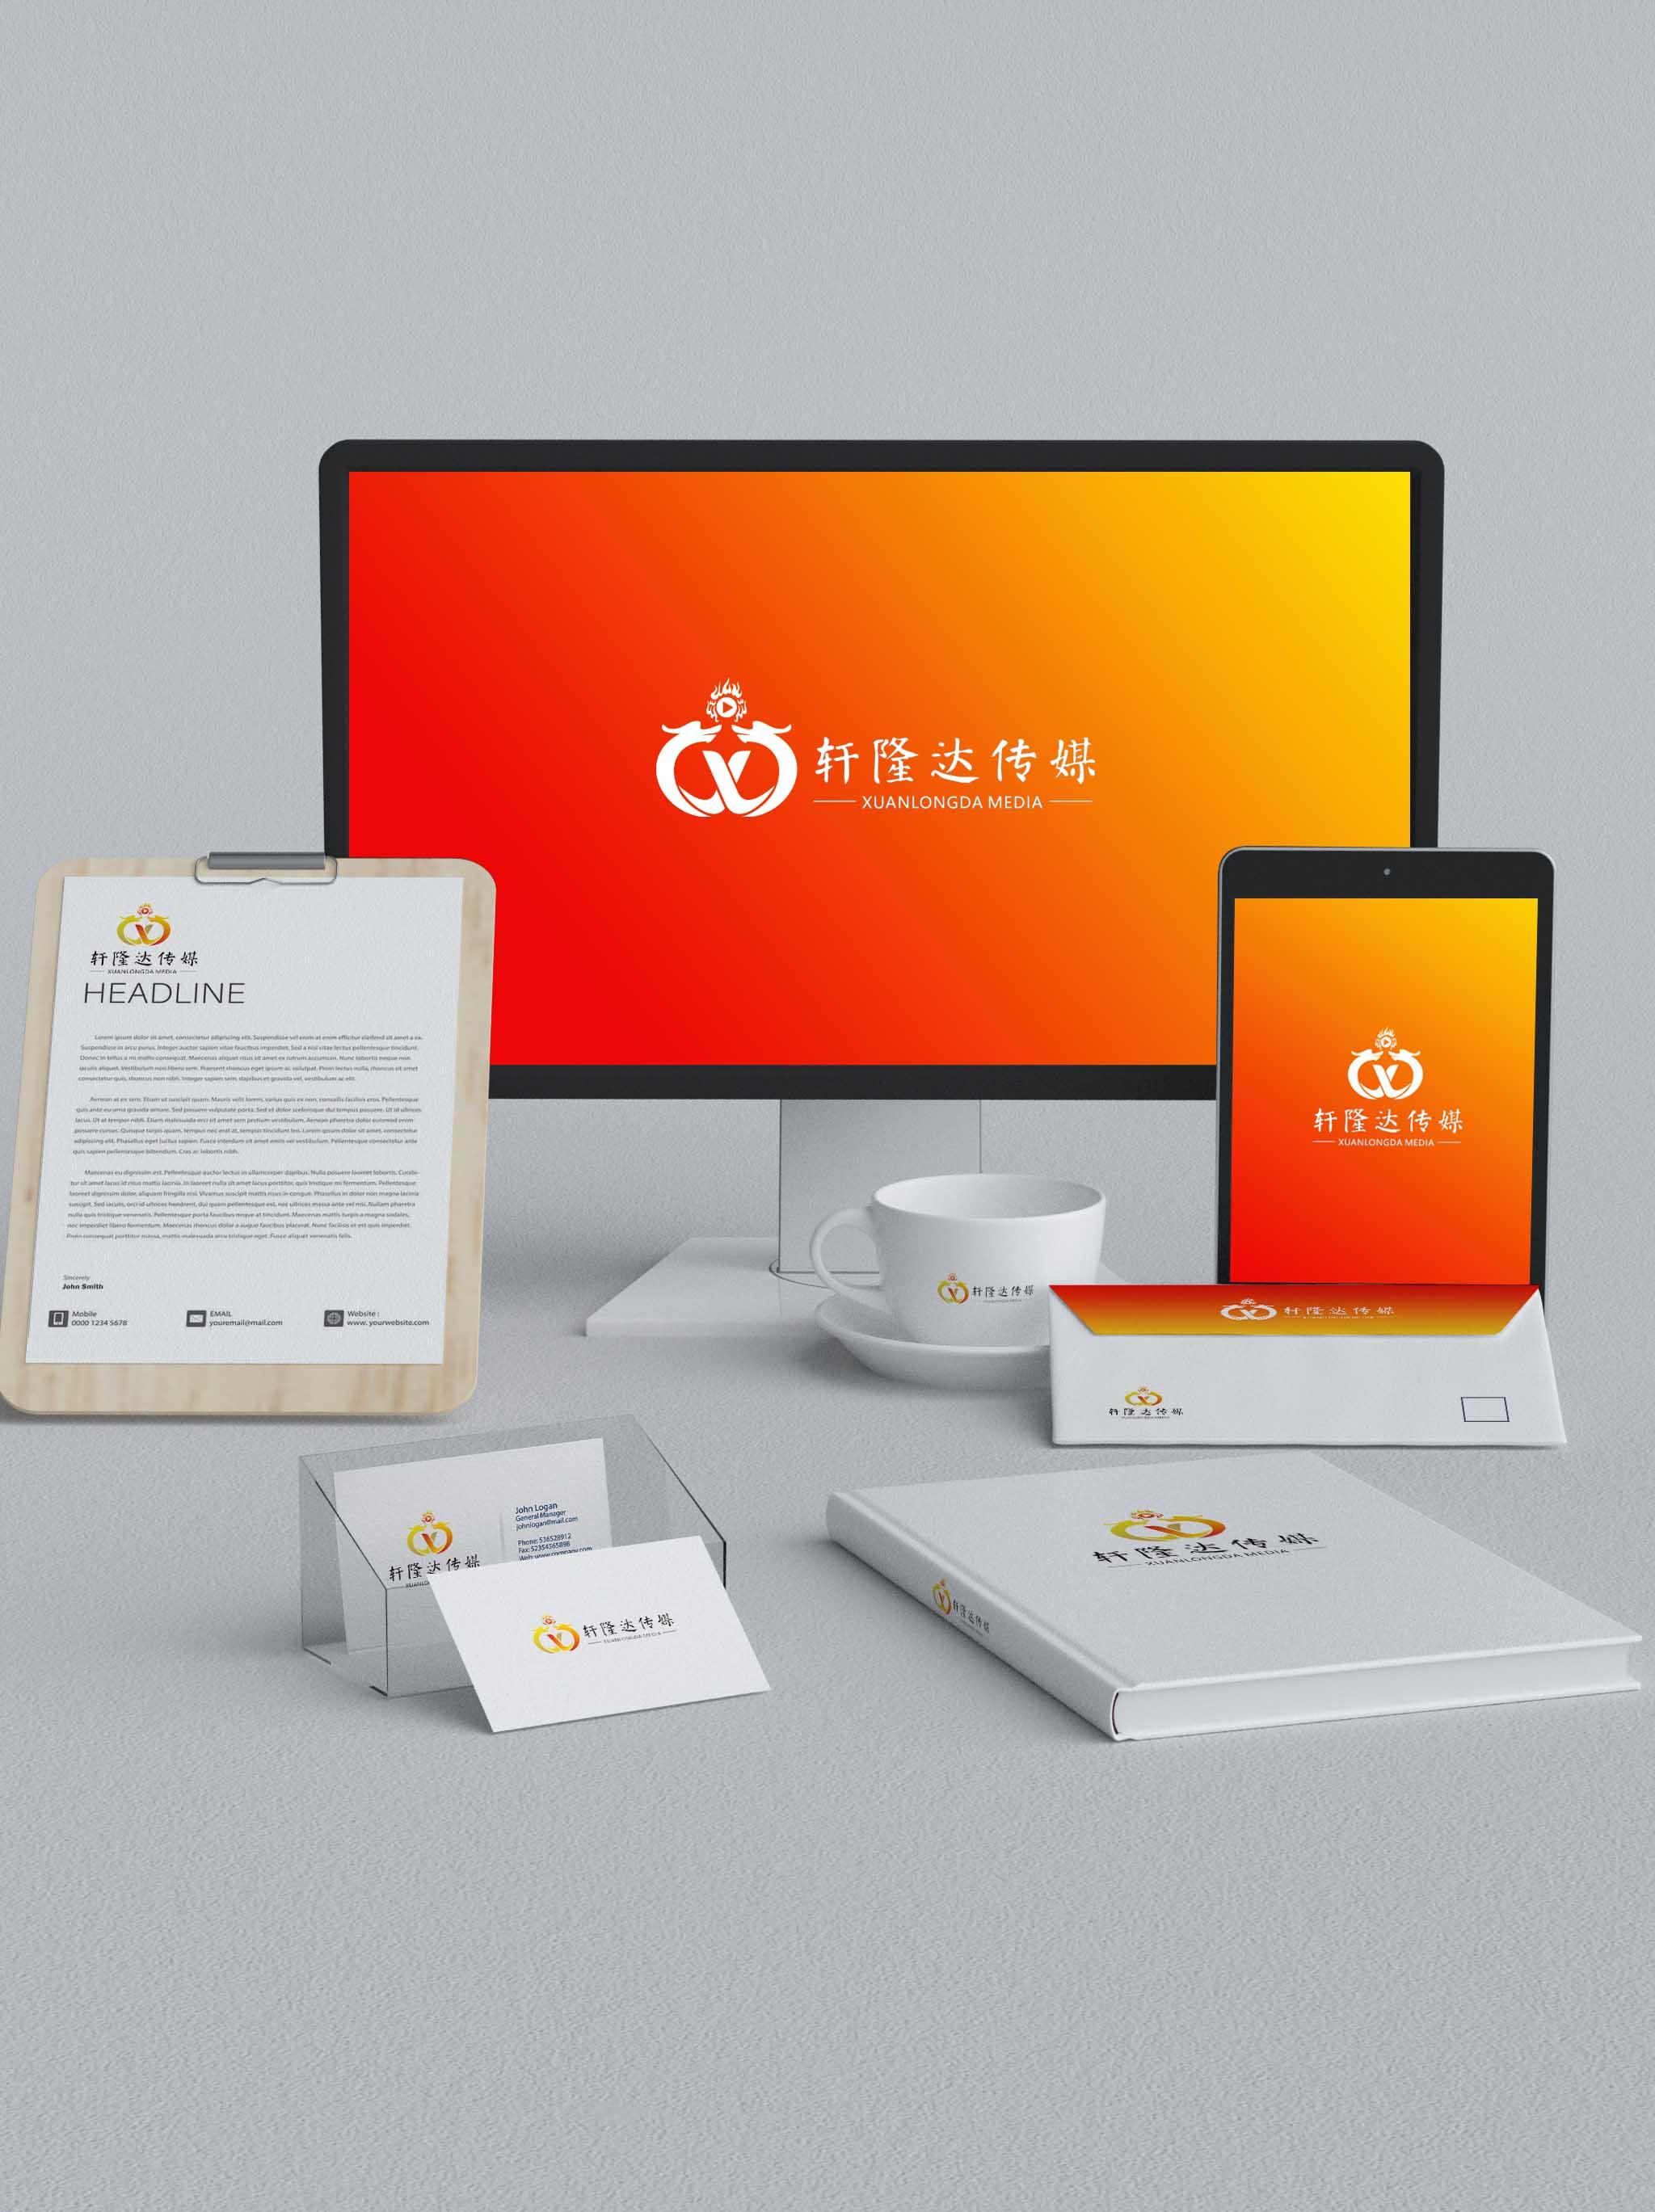 轩隆达传媒logo设计_3032800_k68威客网